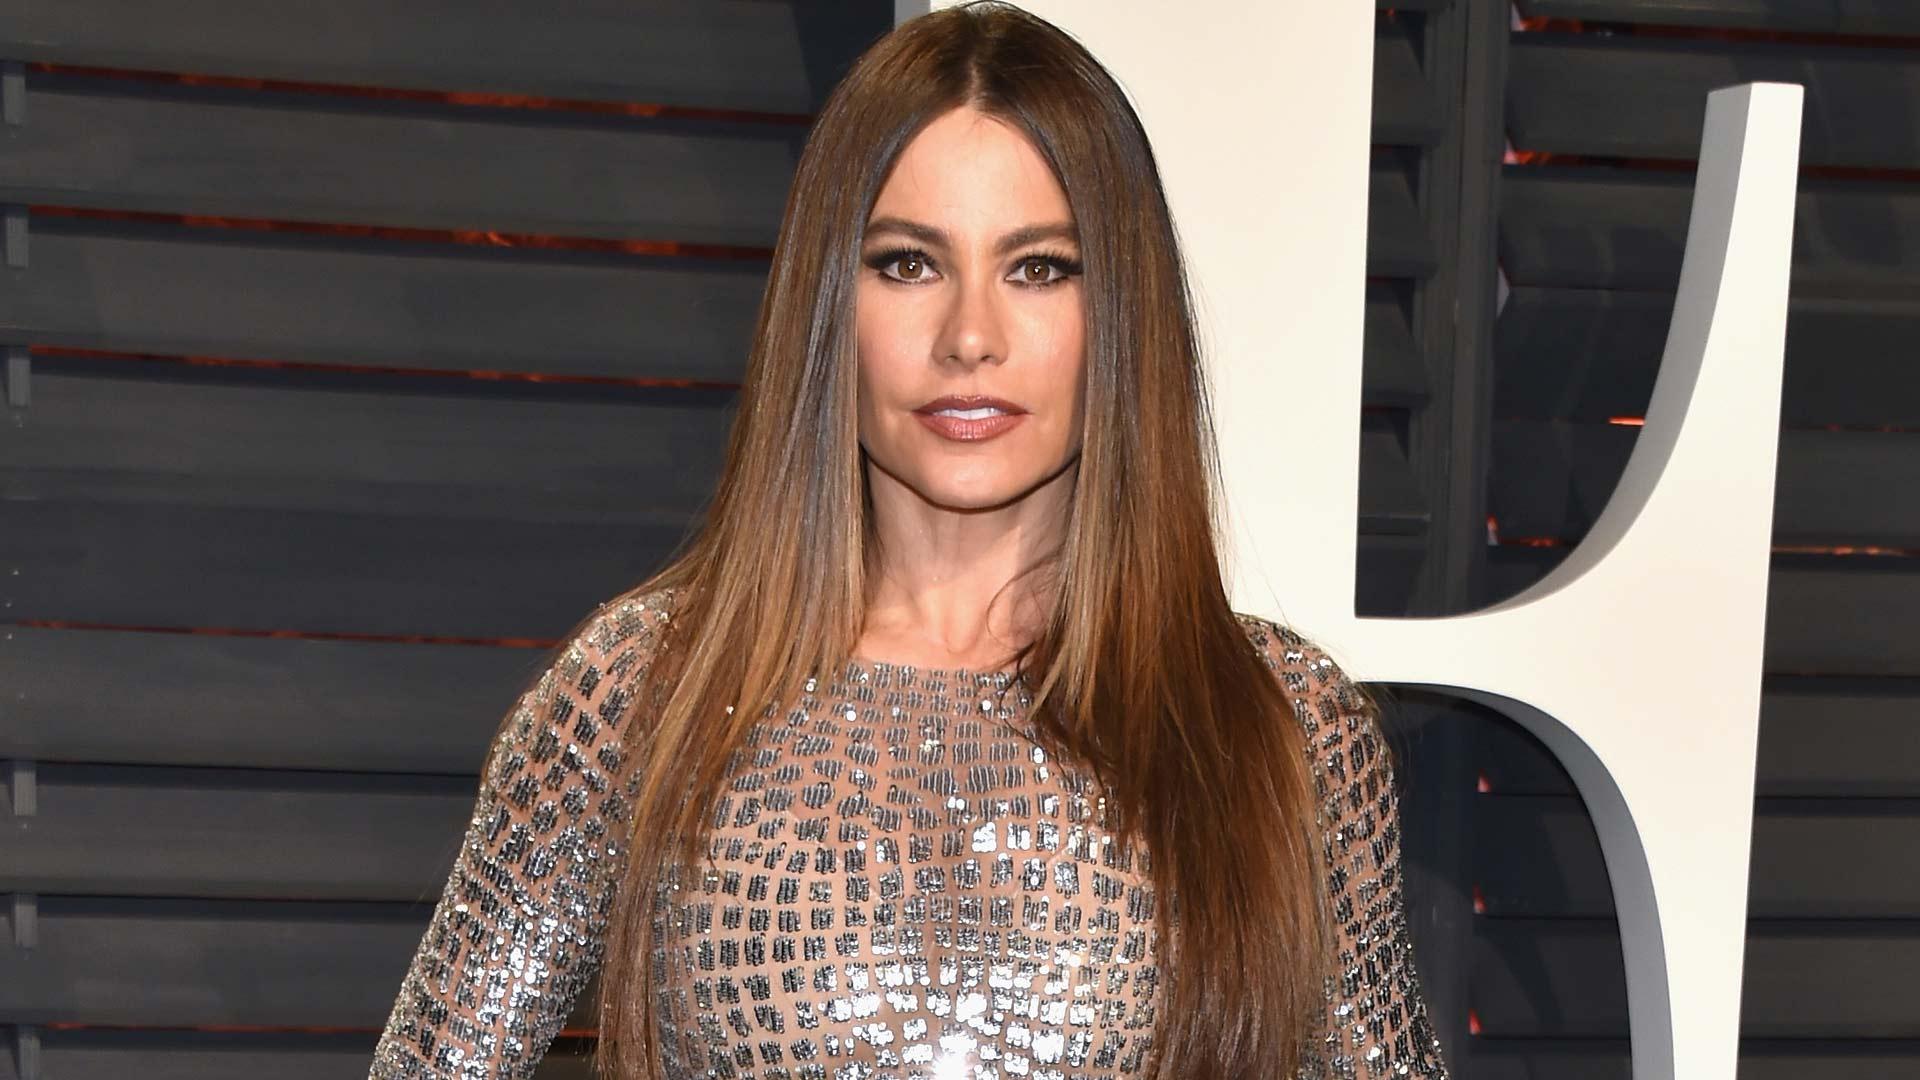 Sofia Vergara Wants To Empower Women With Her New Underwear Line